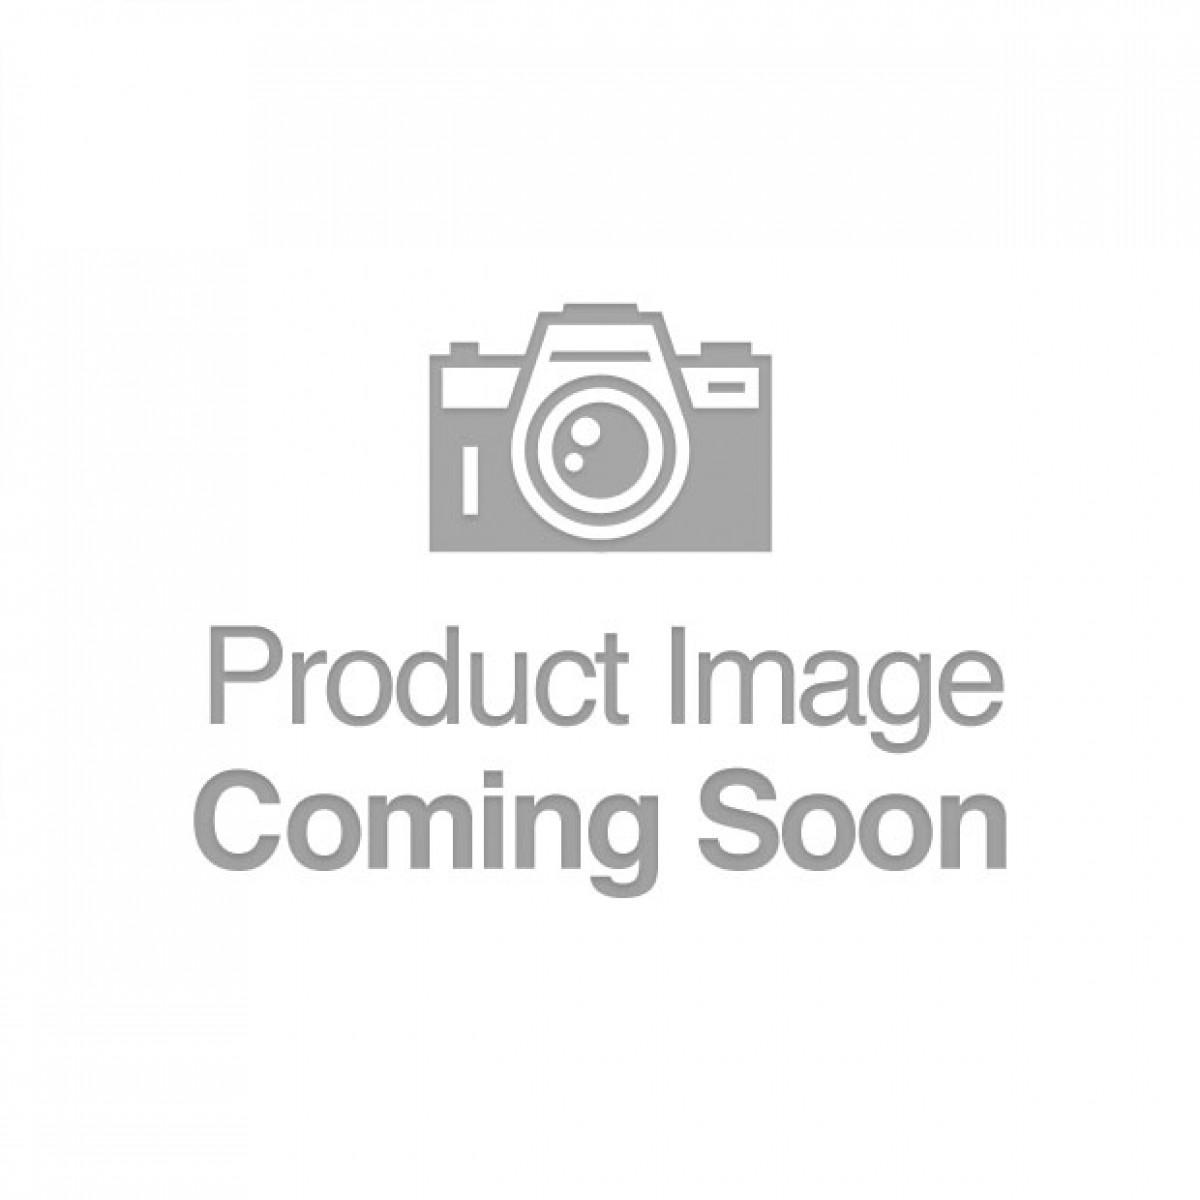 Blush Avant D8 Silicone Dildo - Ergo Indigo